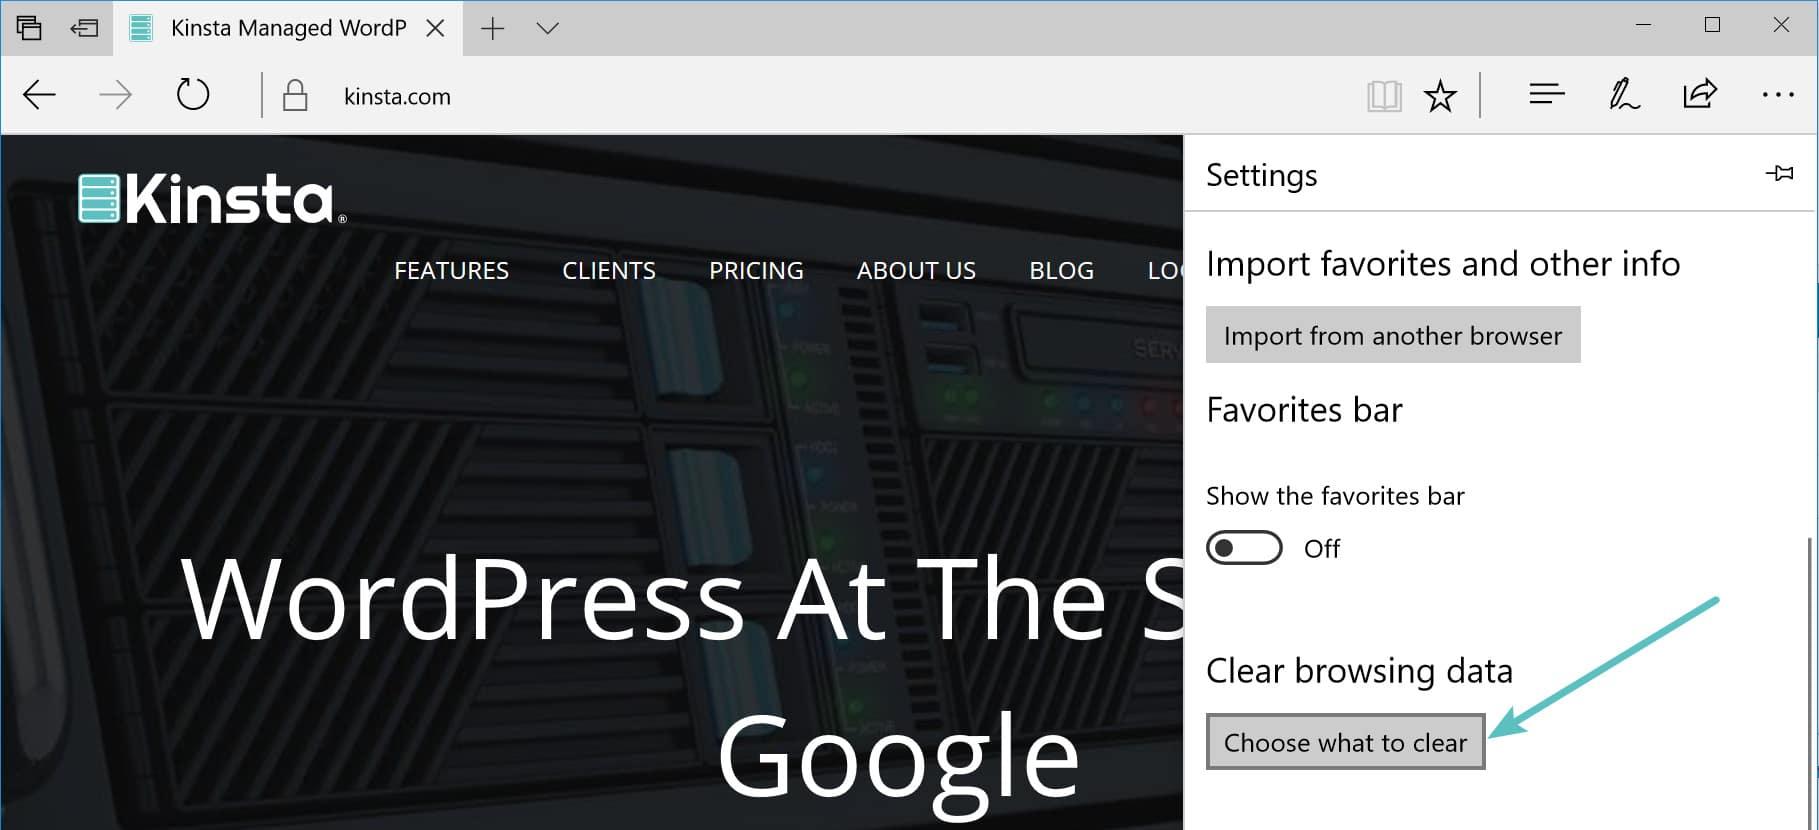 Wähle aus, was gelöscht werden soll in Microsoft Edge